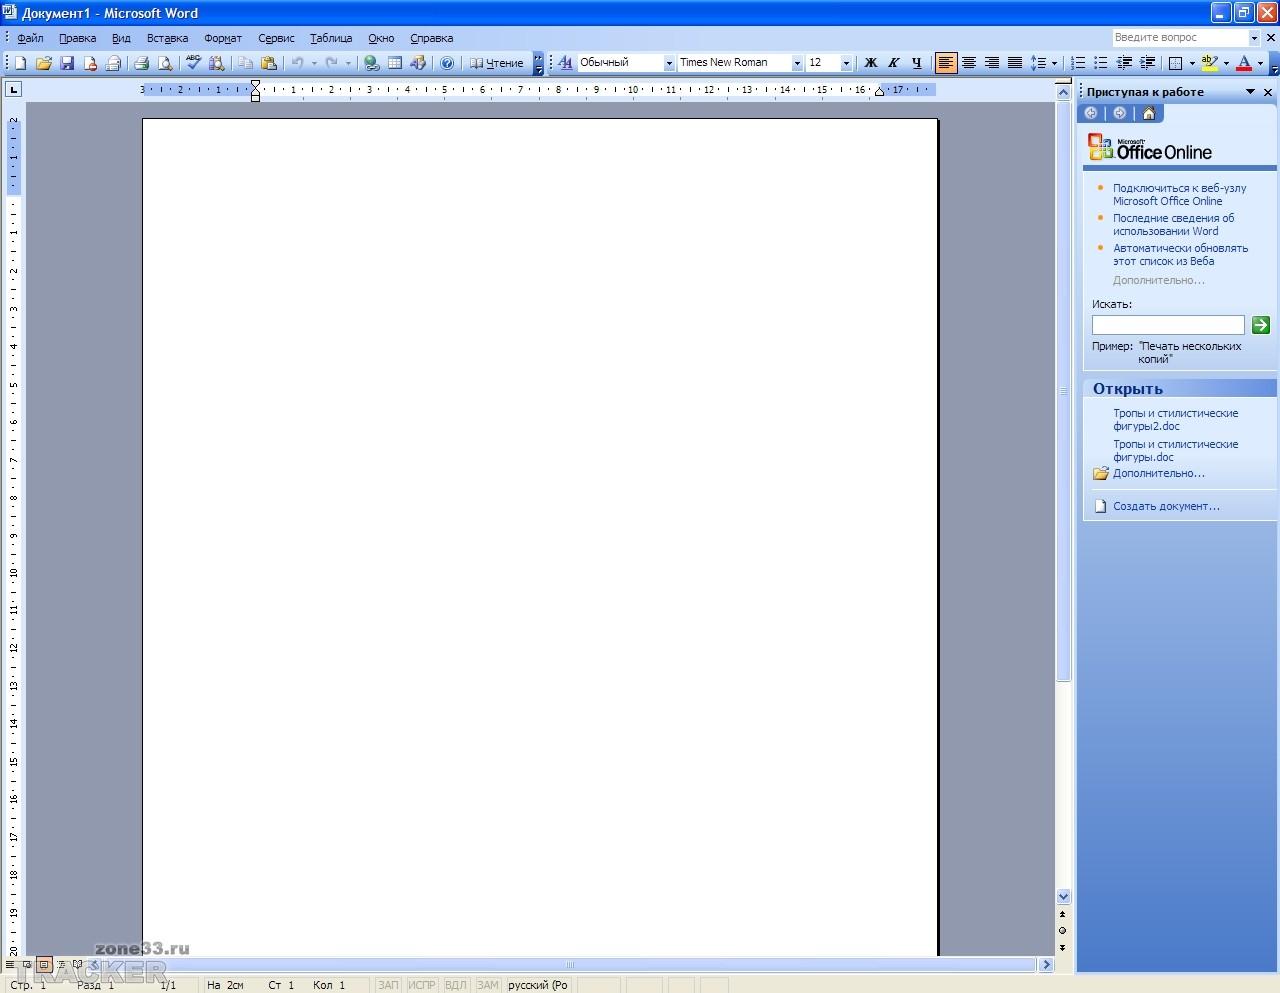 При использовании Publisher 2003 - приложения для подготовки публикаций, вх